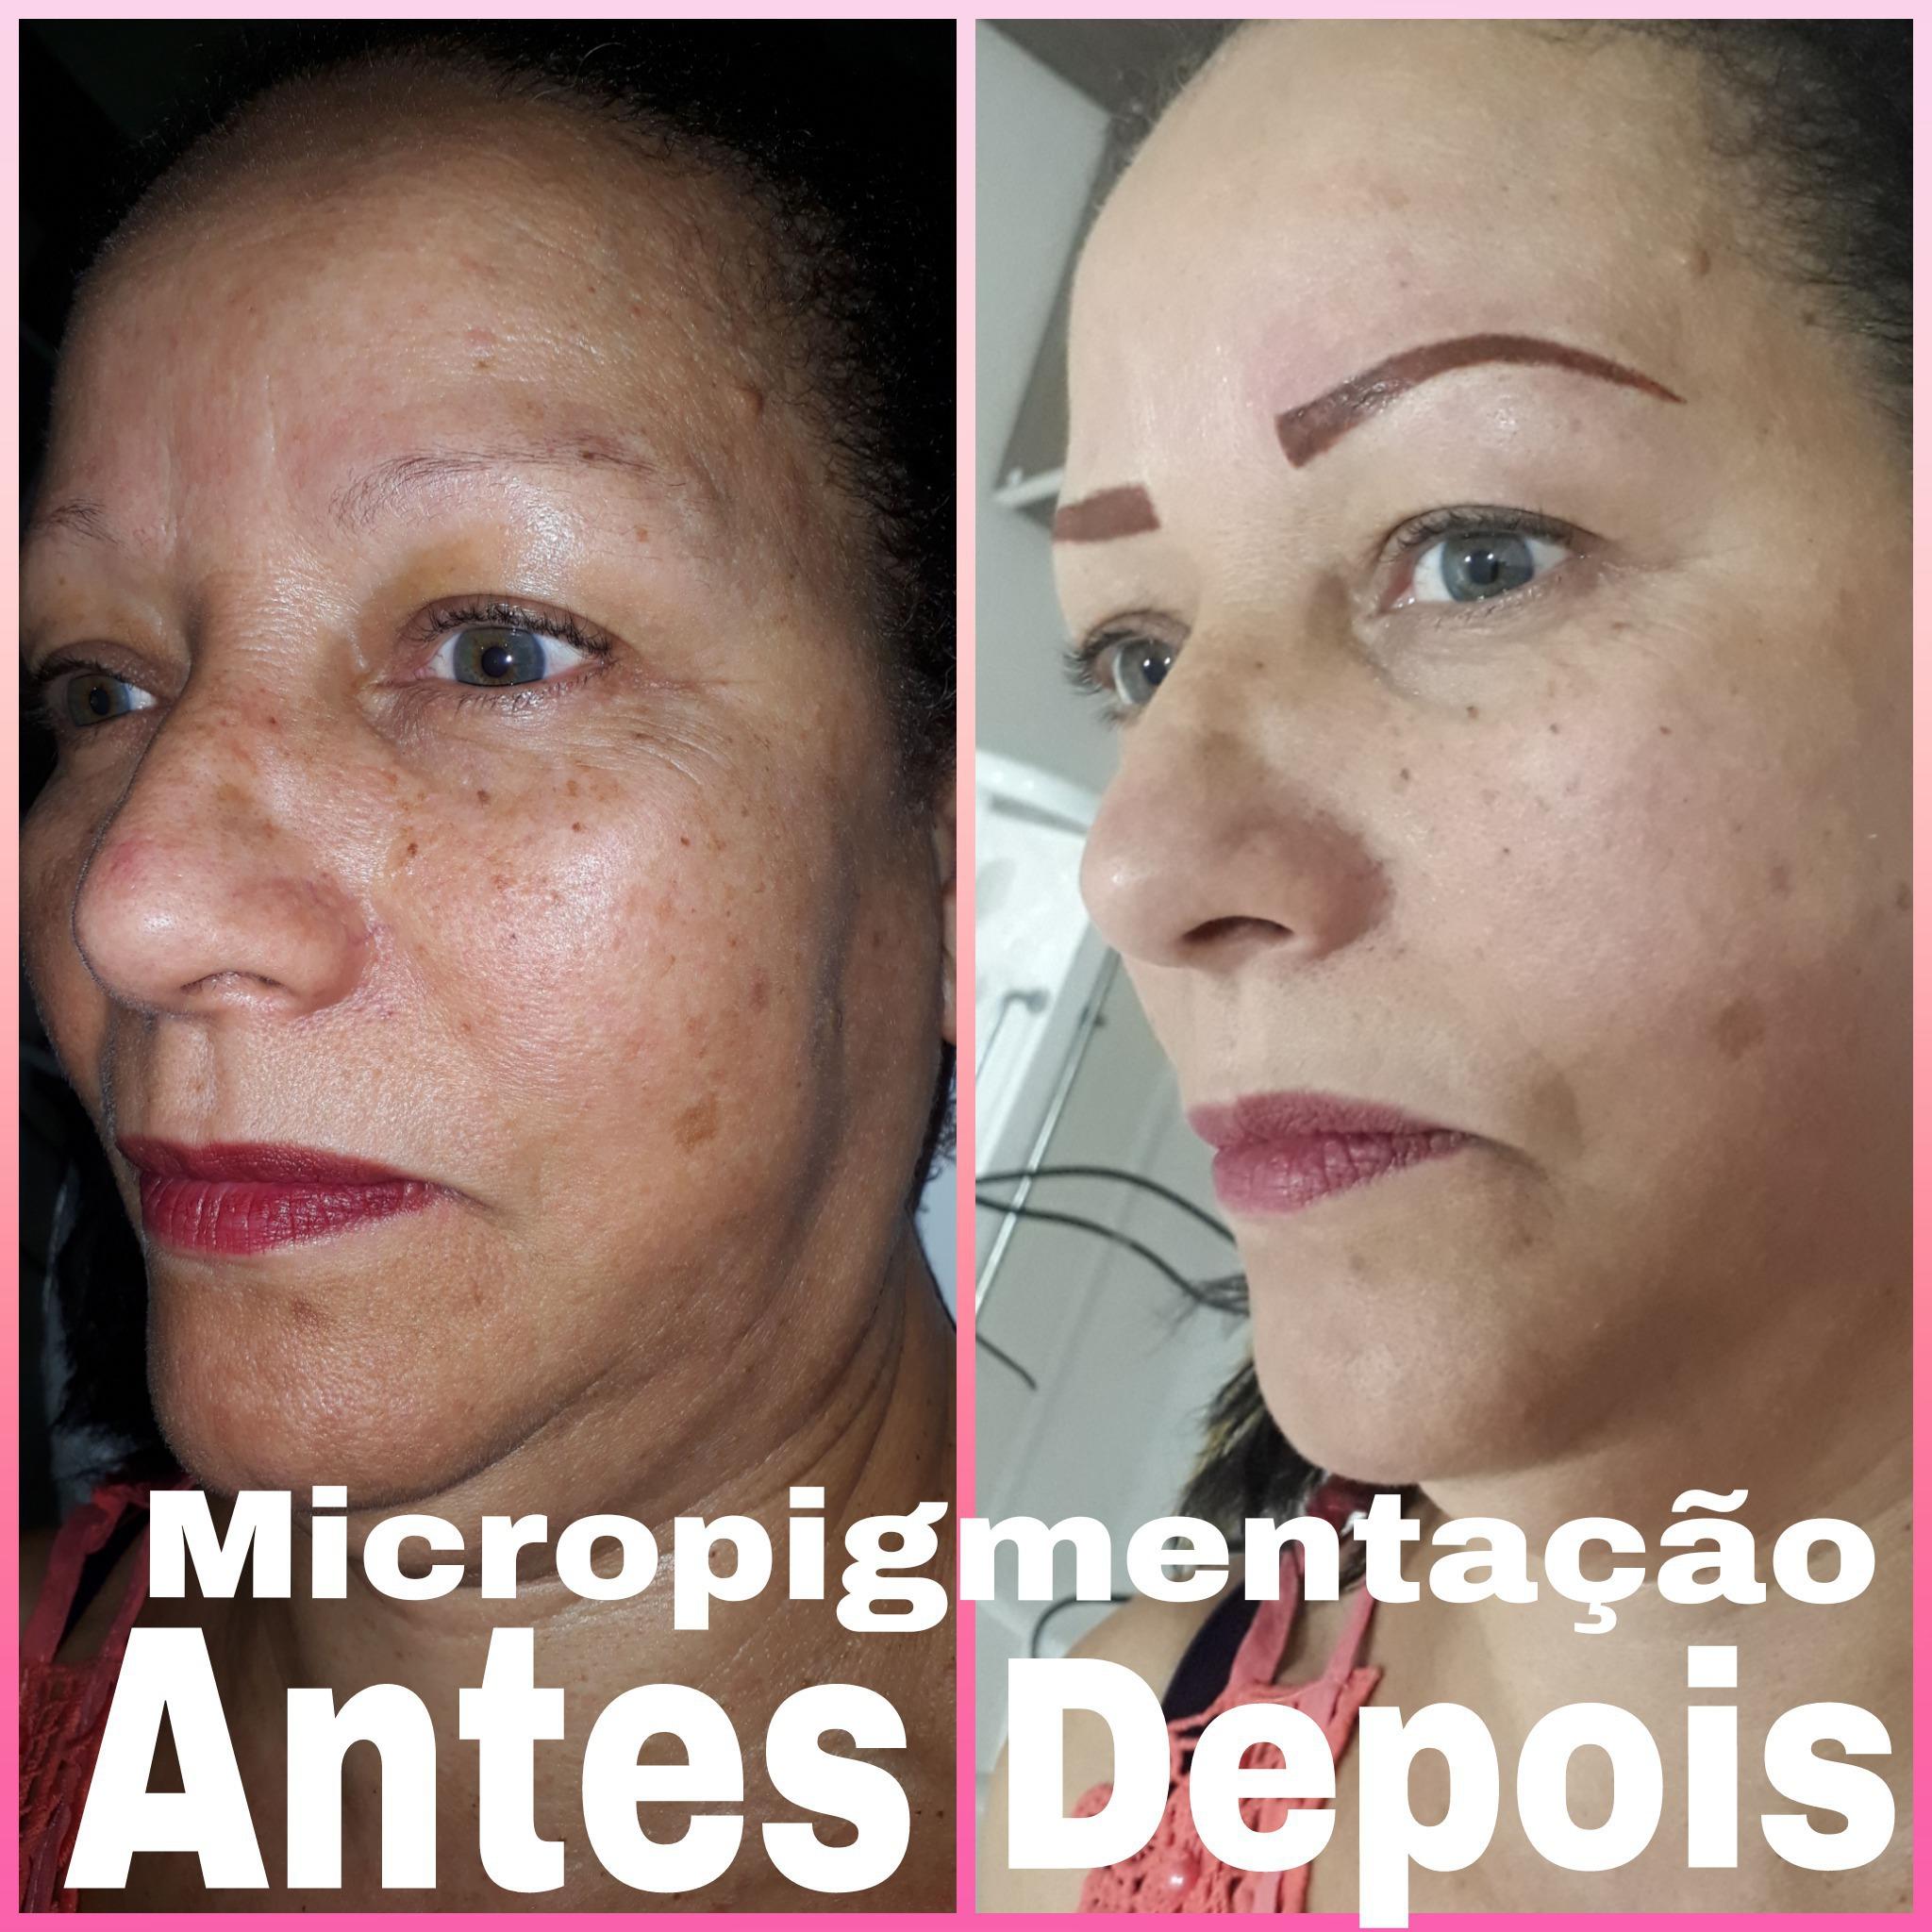 Micropigmentação técnica Esfumada micropigmentador(a) cabeleireiro(a) depilador(a) designer de sobrancelhas